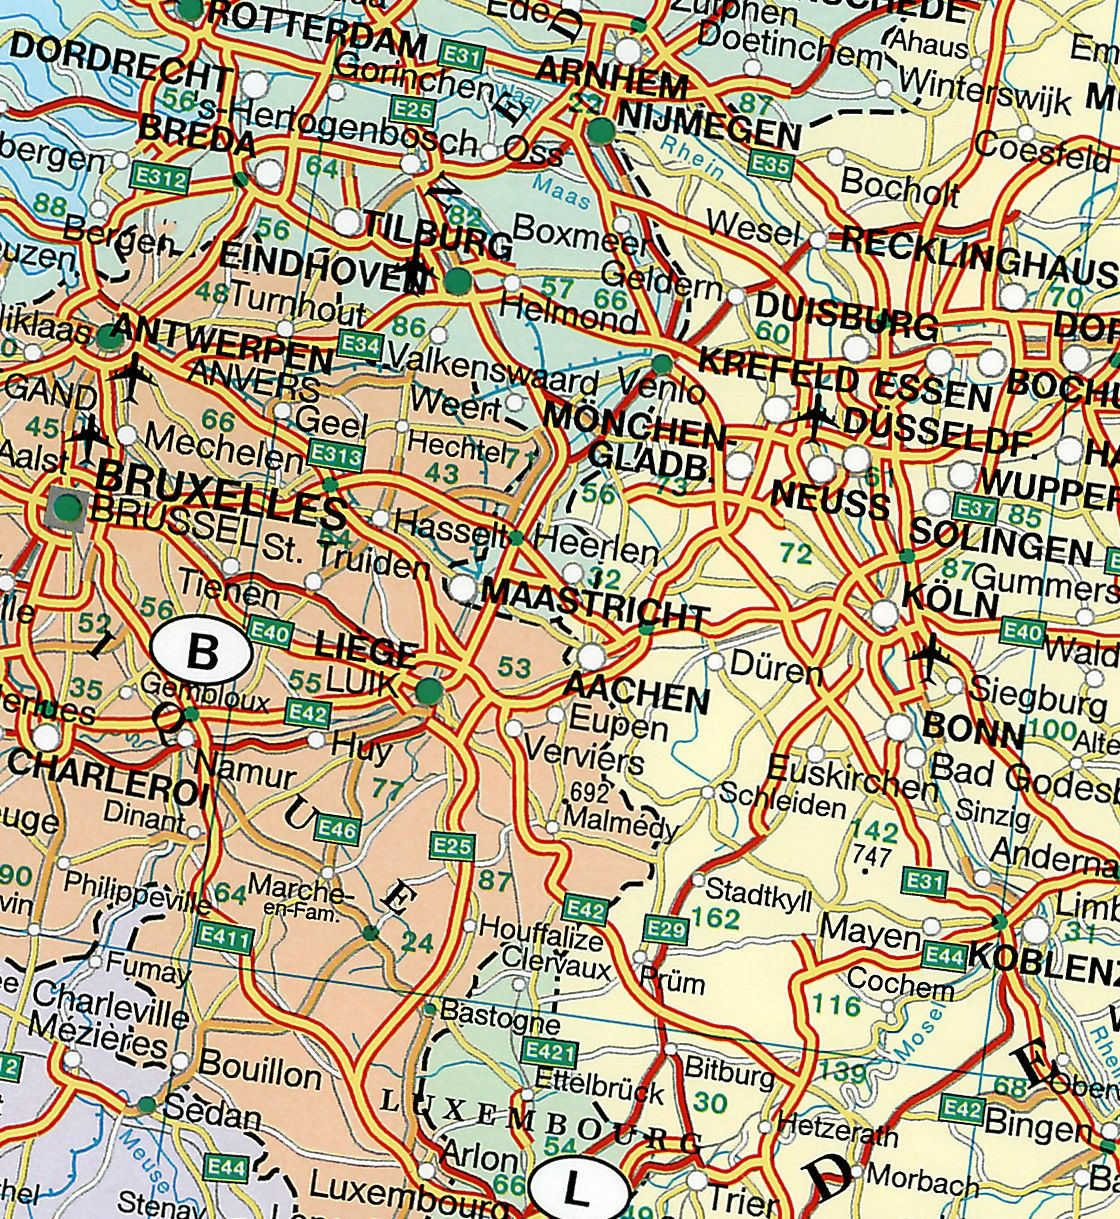 Europakaart C Klein